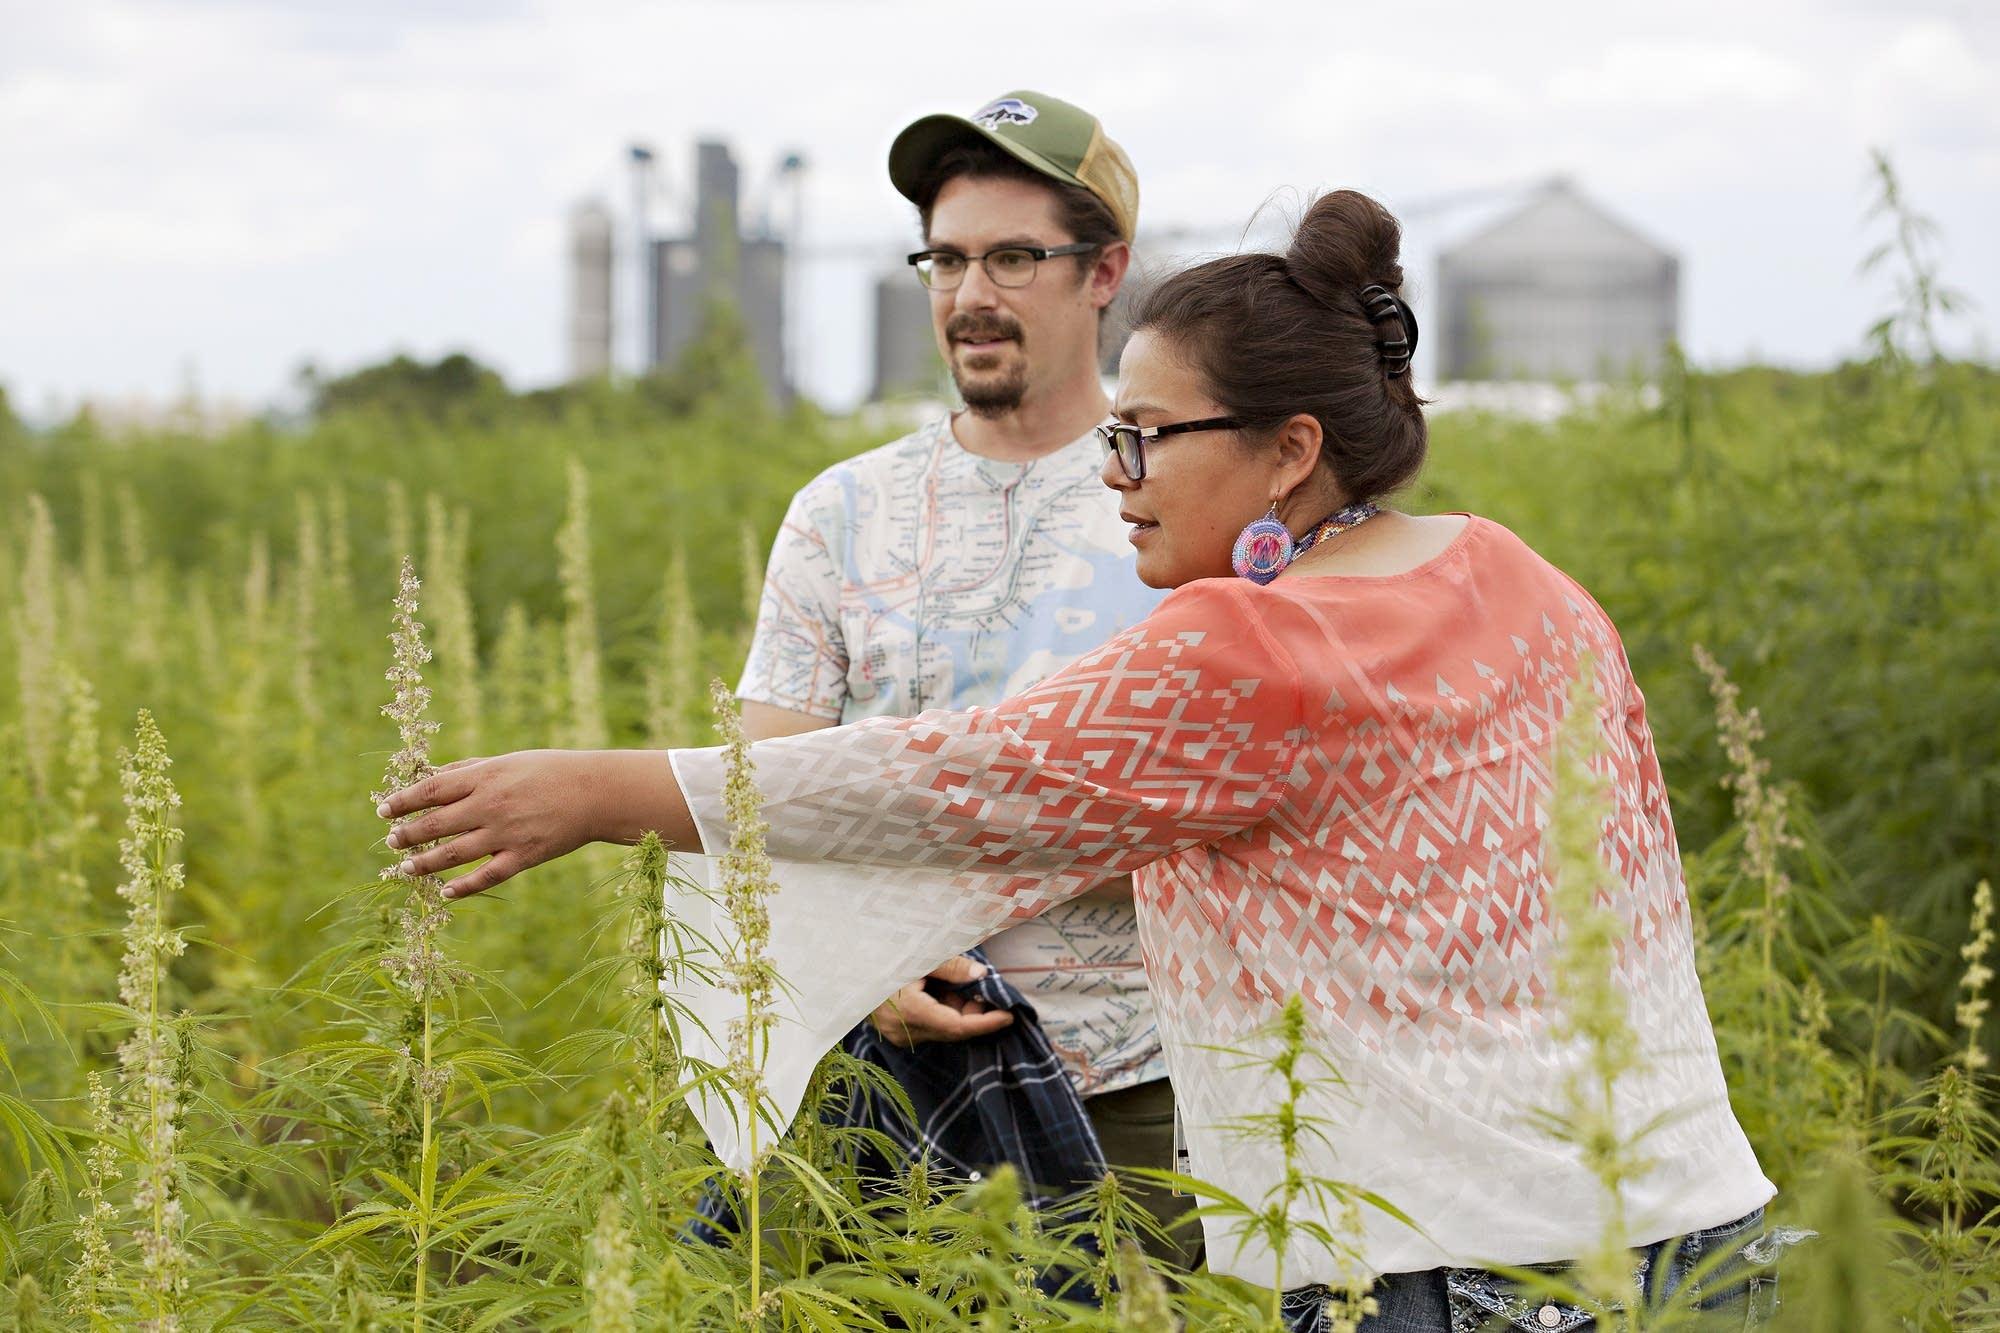 Tara Mason and Zachary Paige check out progress at a research hemp plot.